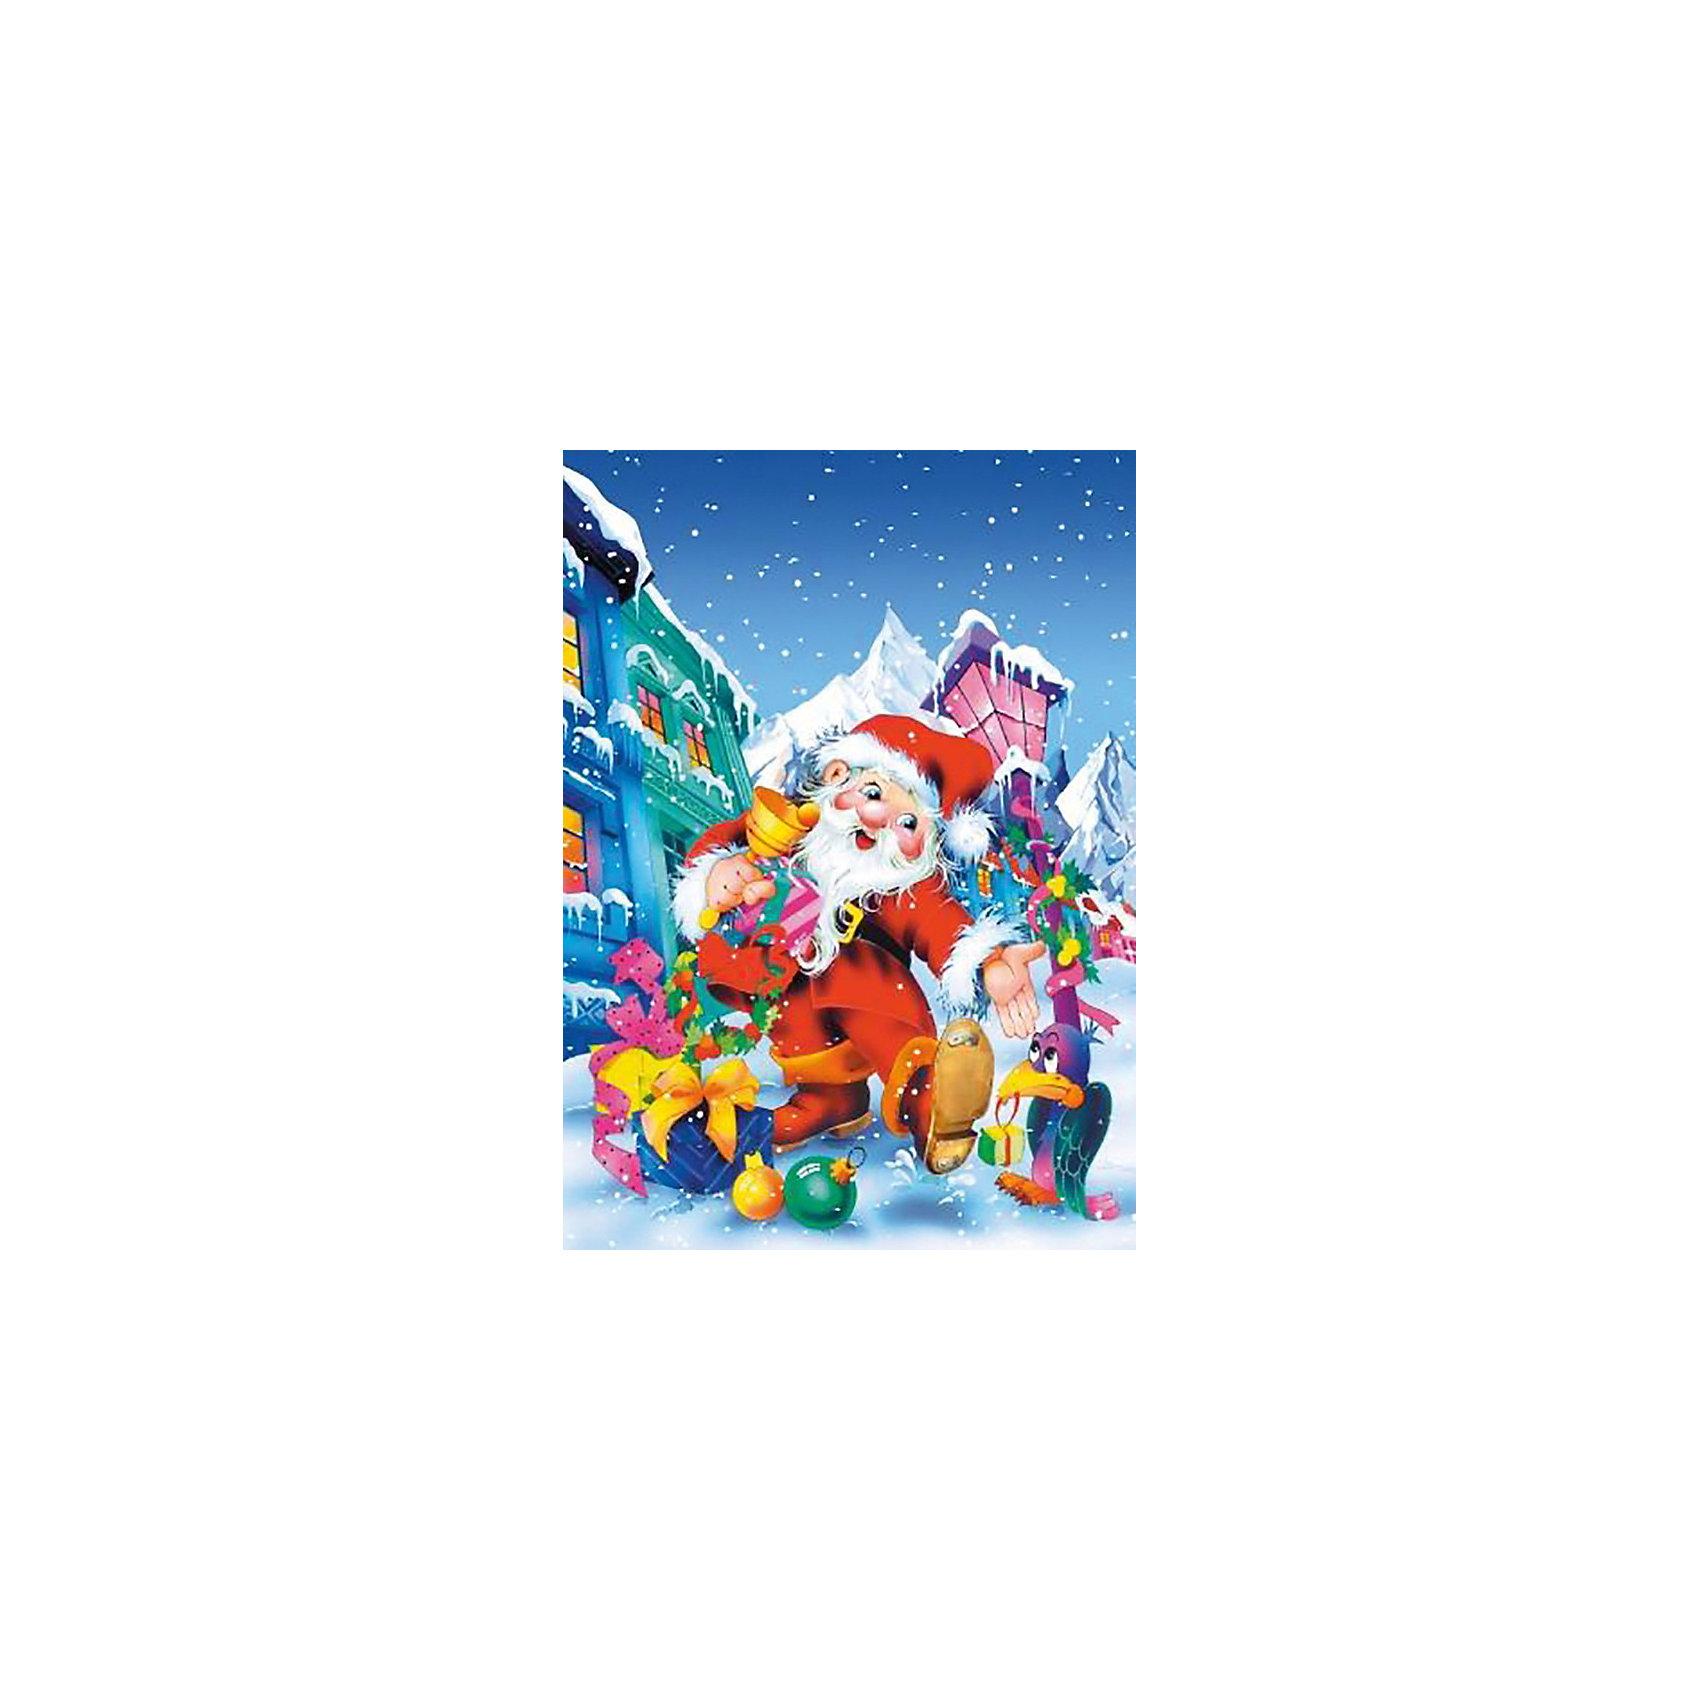 Castorland Пазл Подарки к Рождеству, 60 деталей, Castorland castorland пазл летний полет winx club 60 деталей castorland